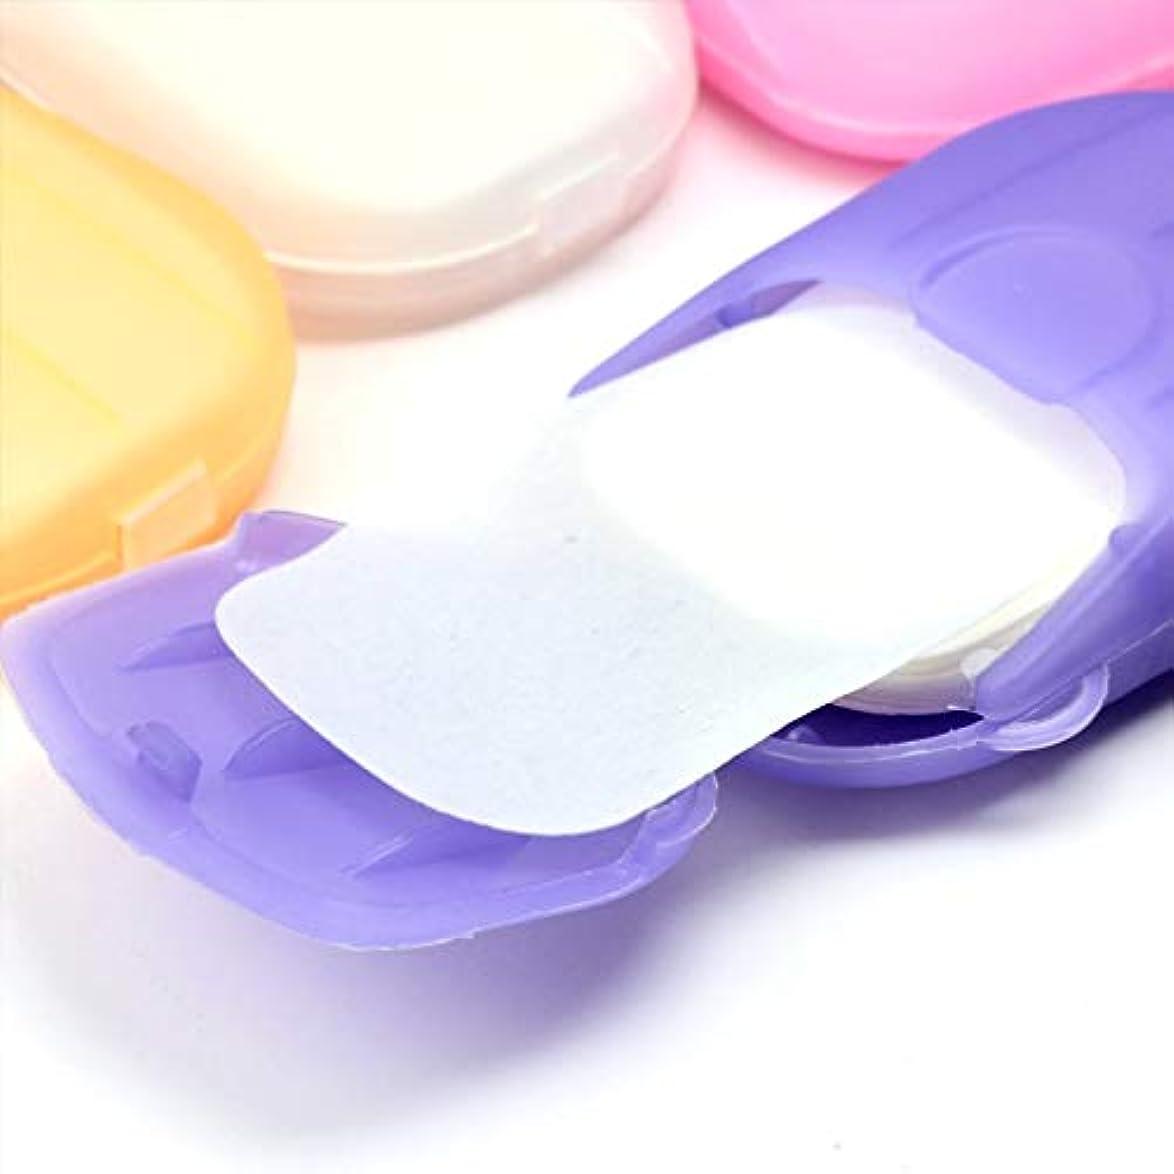 バンガロー申し立てられたバウンド1PCS小型携帯手洗い石鹸フレークランダムカラー